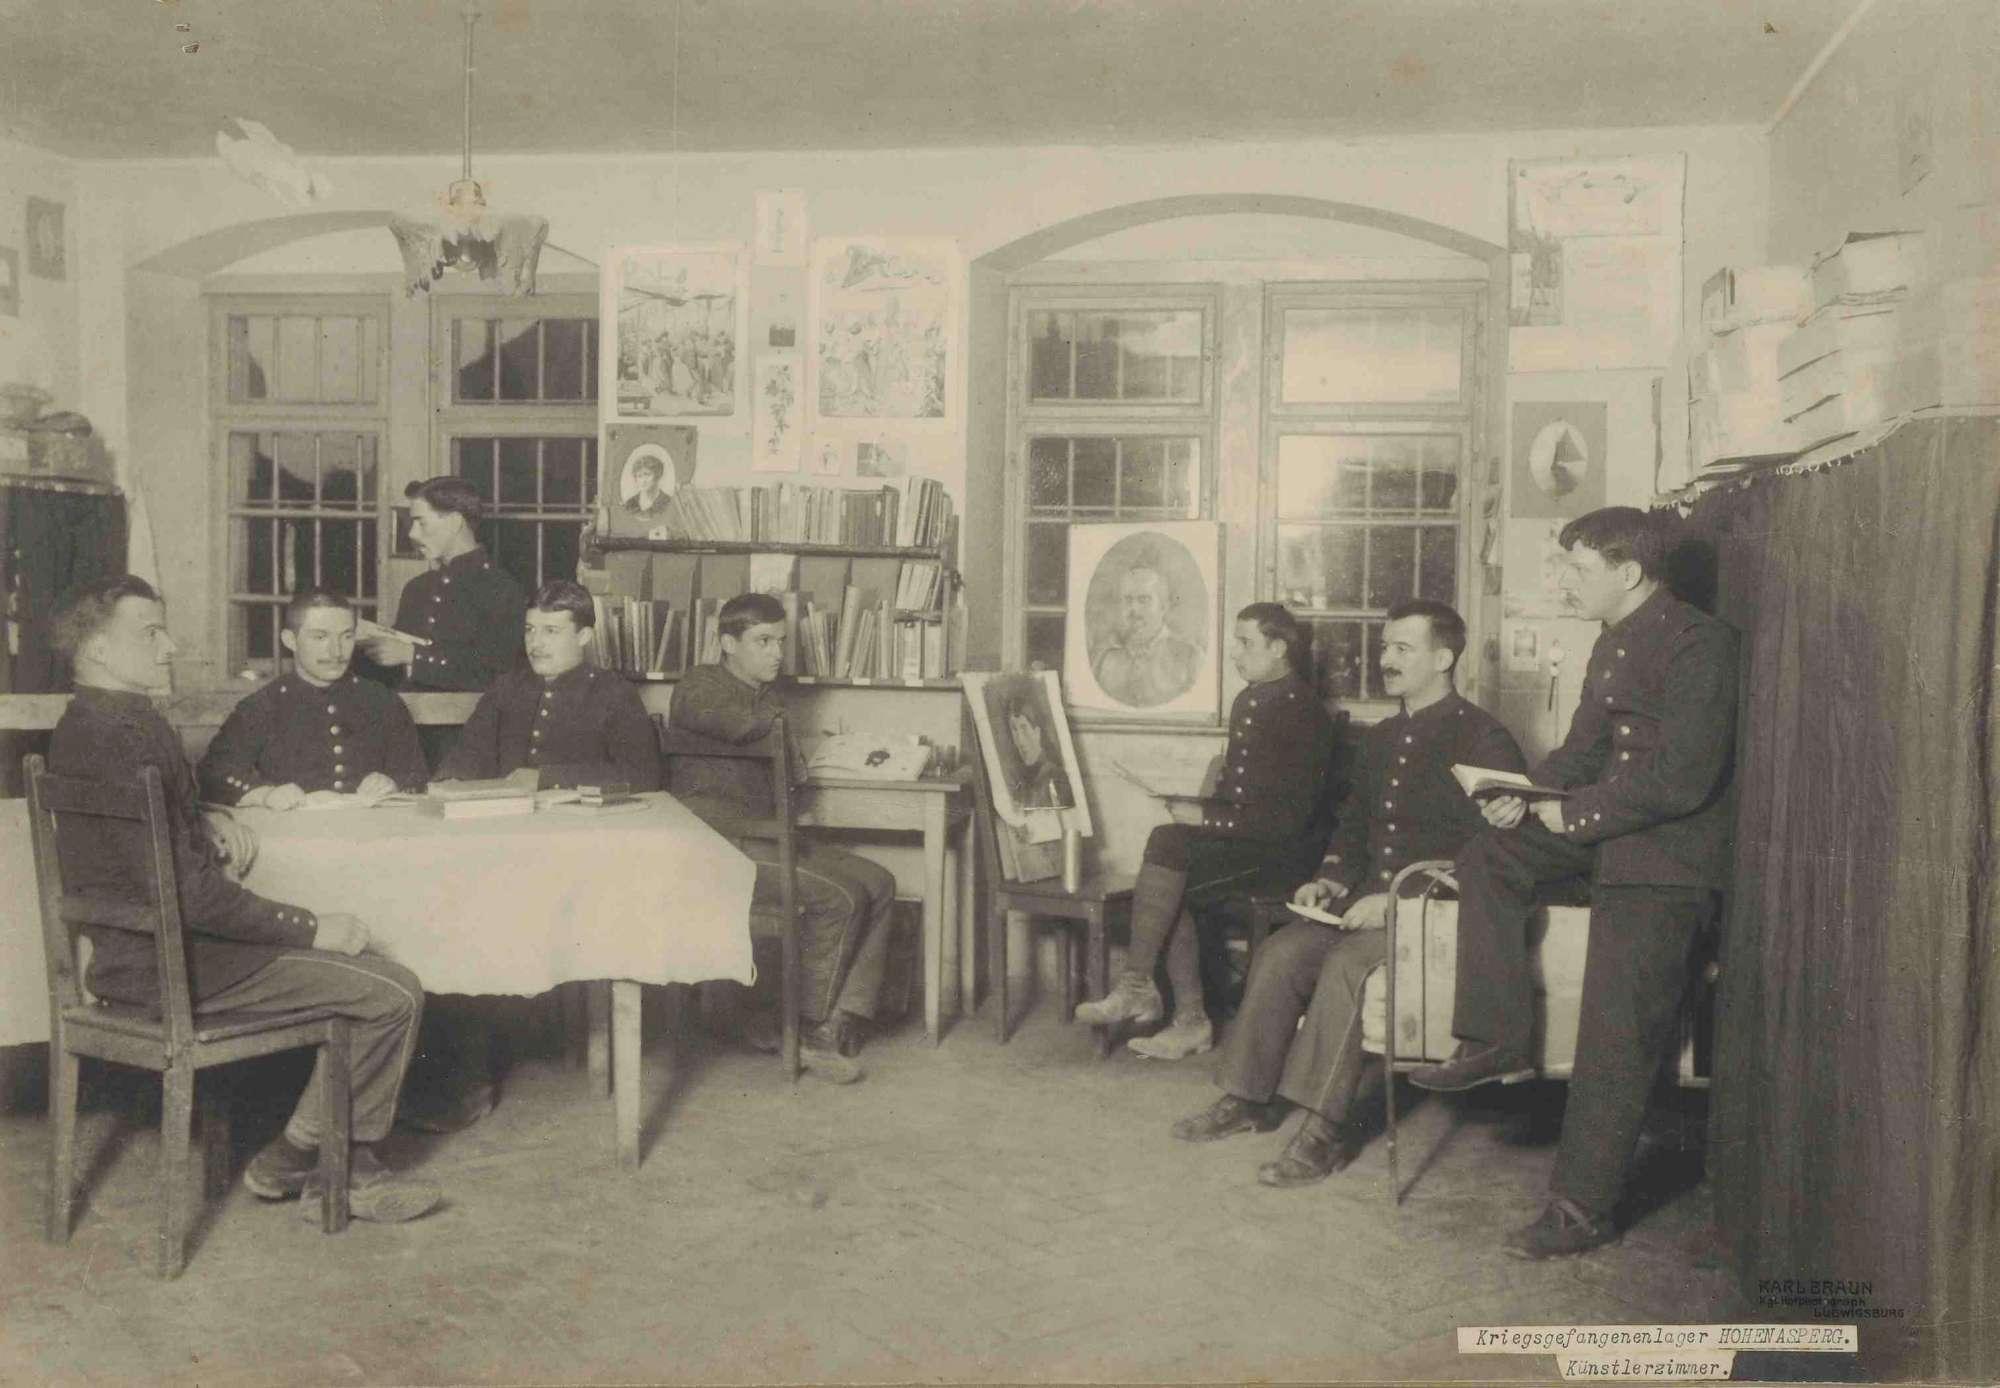 Acht Kriegsgefangene beim Lesen bzw. Porträtmalen in Künstlerwerkstatt im Kriegsgefangenenlager Hohenasperg, Bild 1